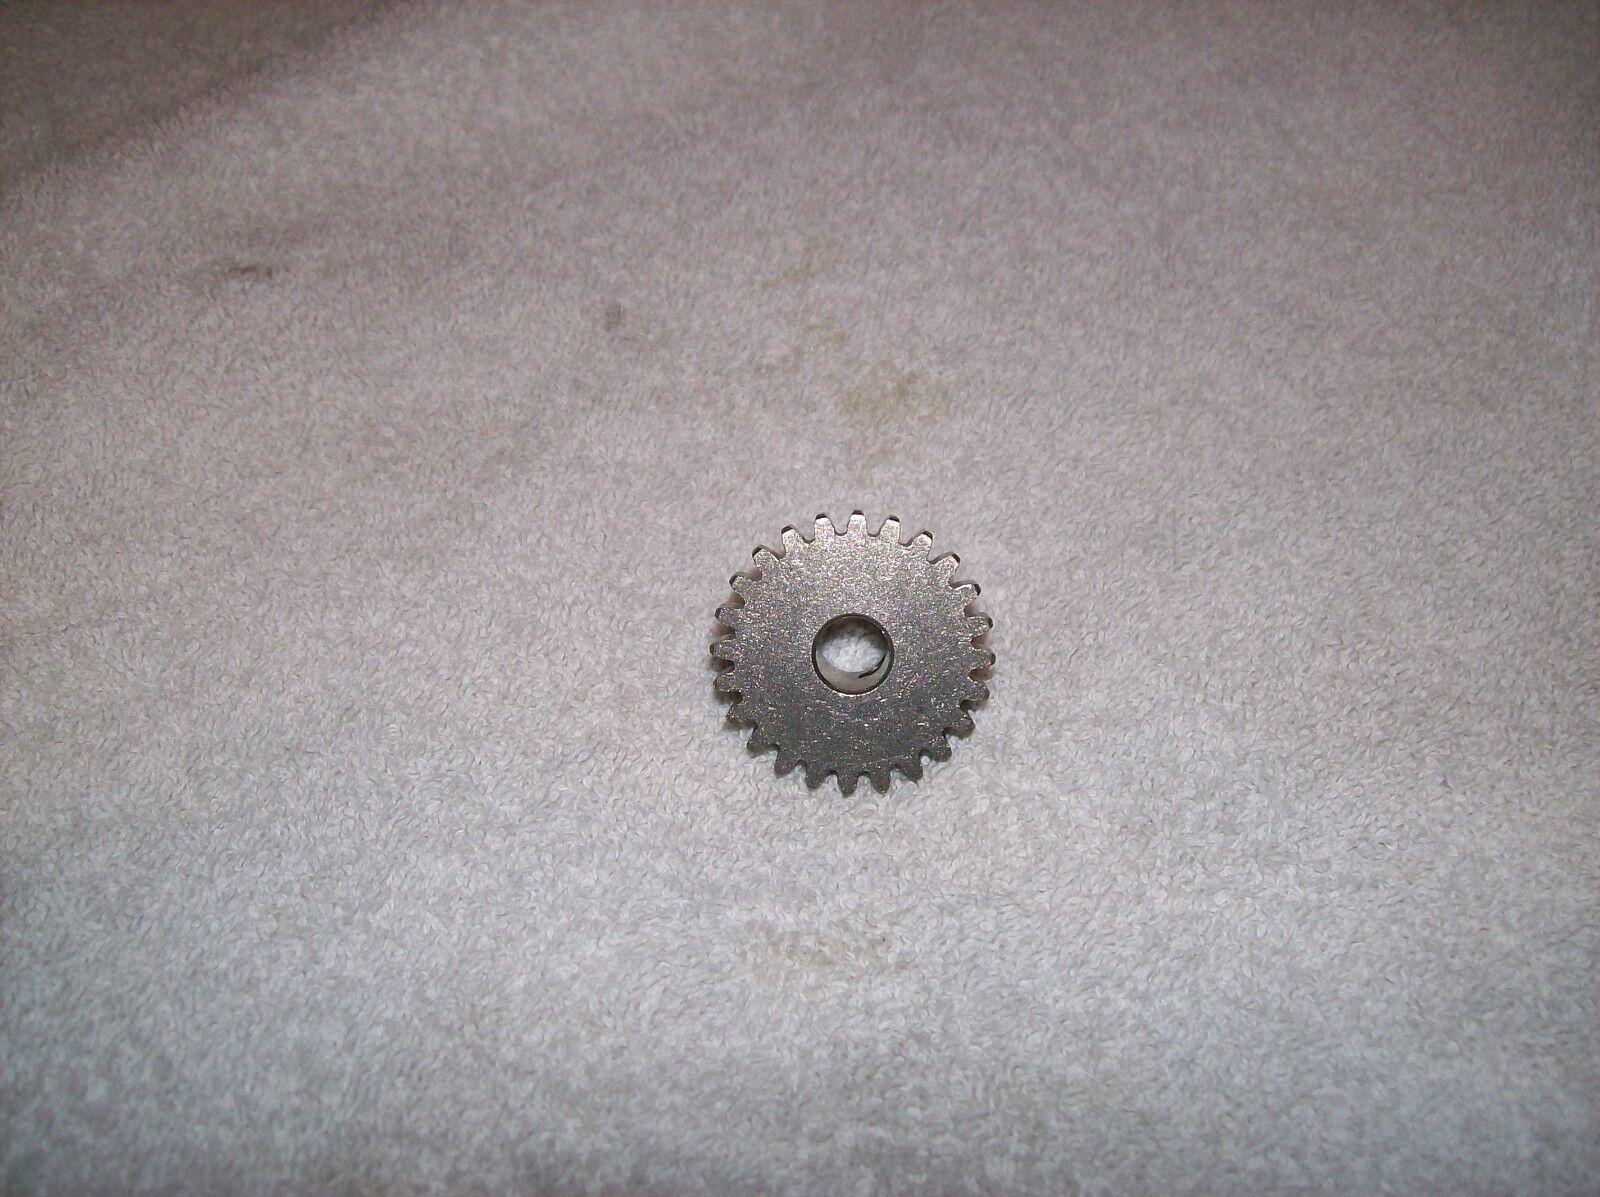 Delta 906526 Gear